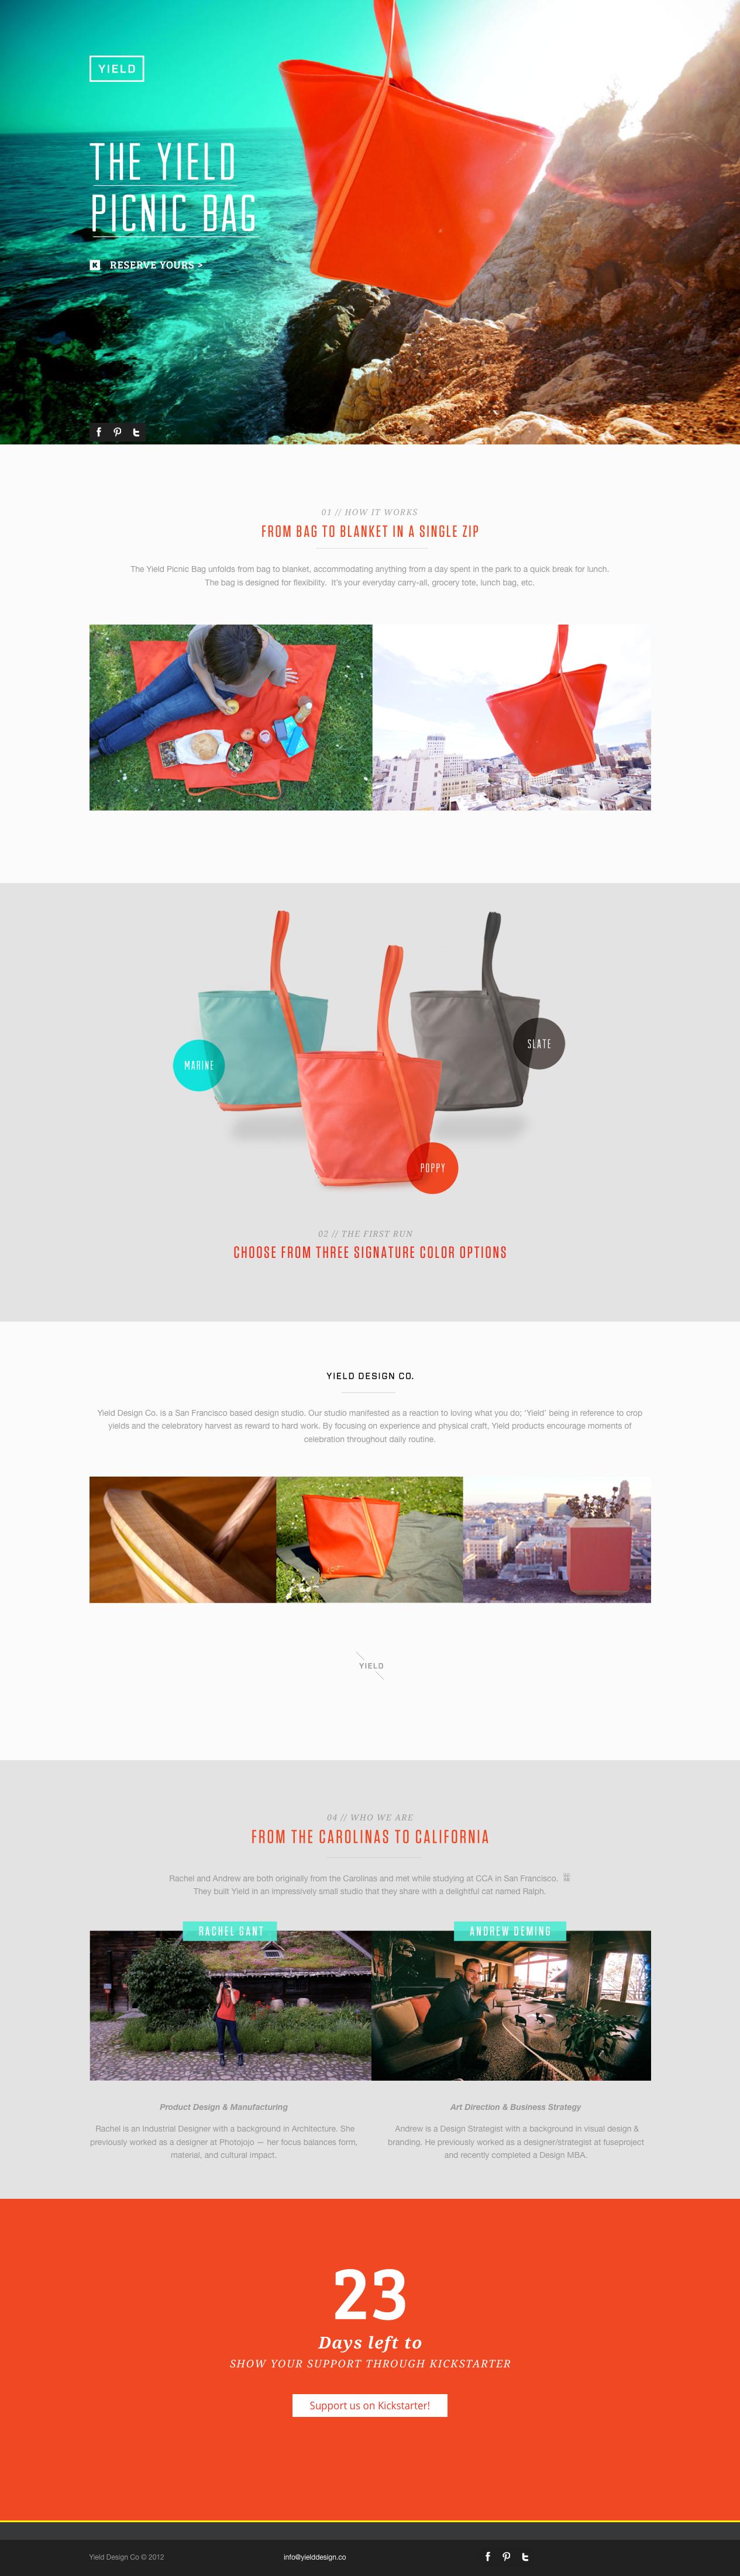 Yield Design website